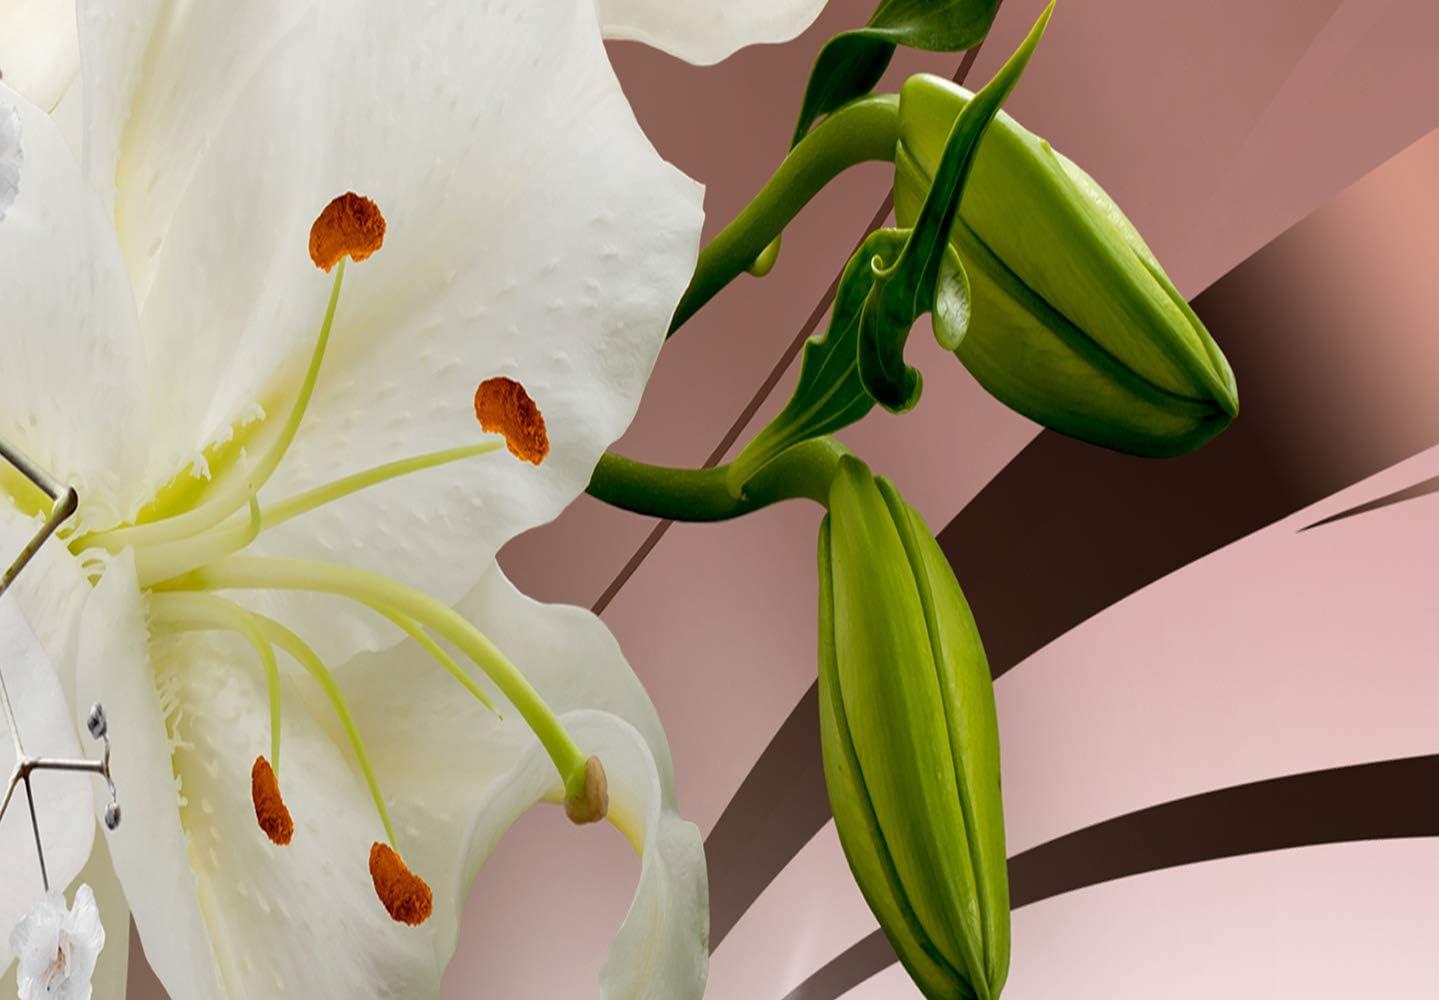 murando Impression sur Toile intissee Fleurs Lys 120x40 cm Tableau Tableaux Decoration Murale Photo Image Artistique Photographie Graphique 1 Partie Abstrait b-A-0364-b-a